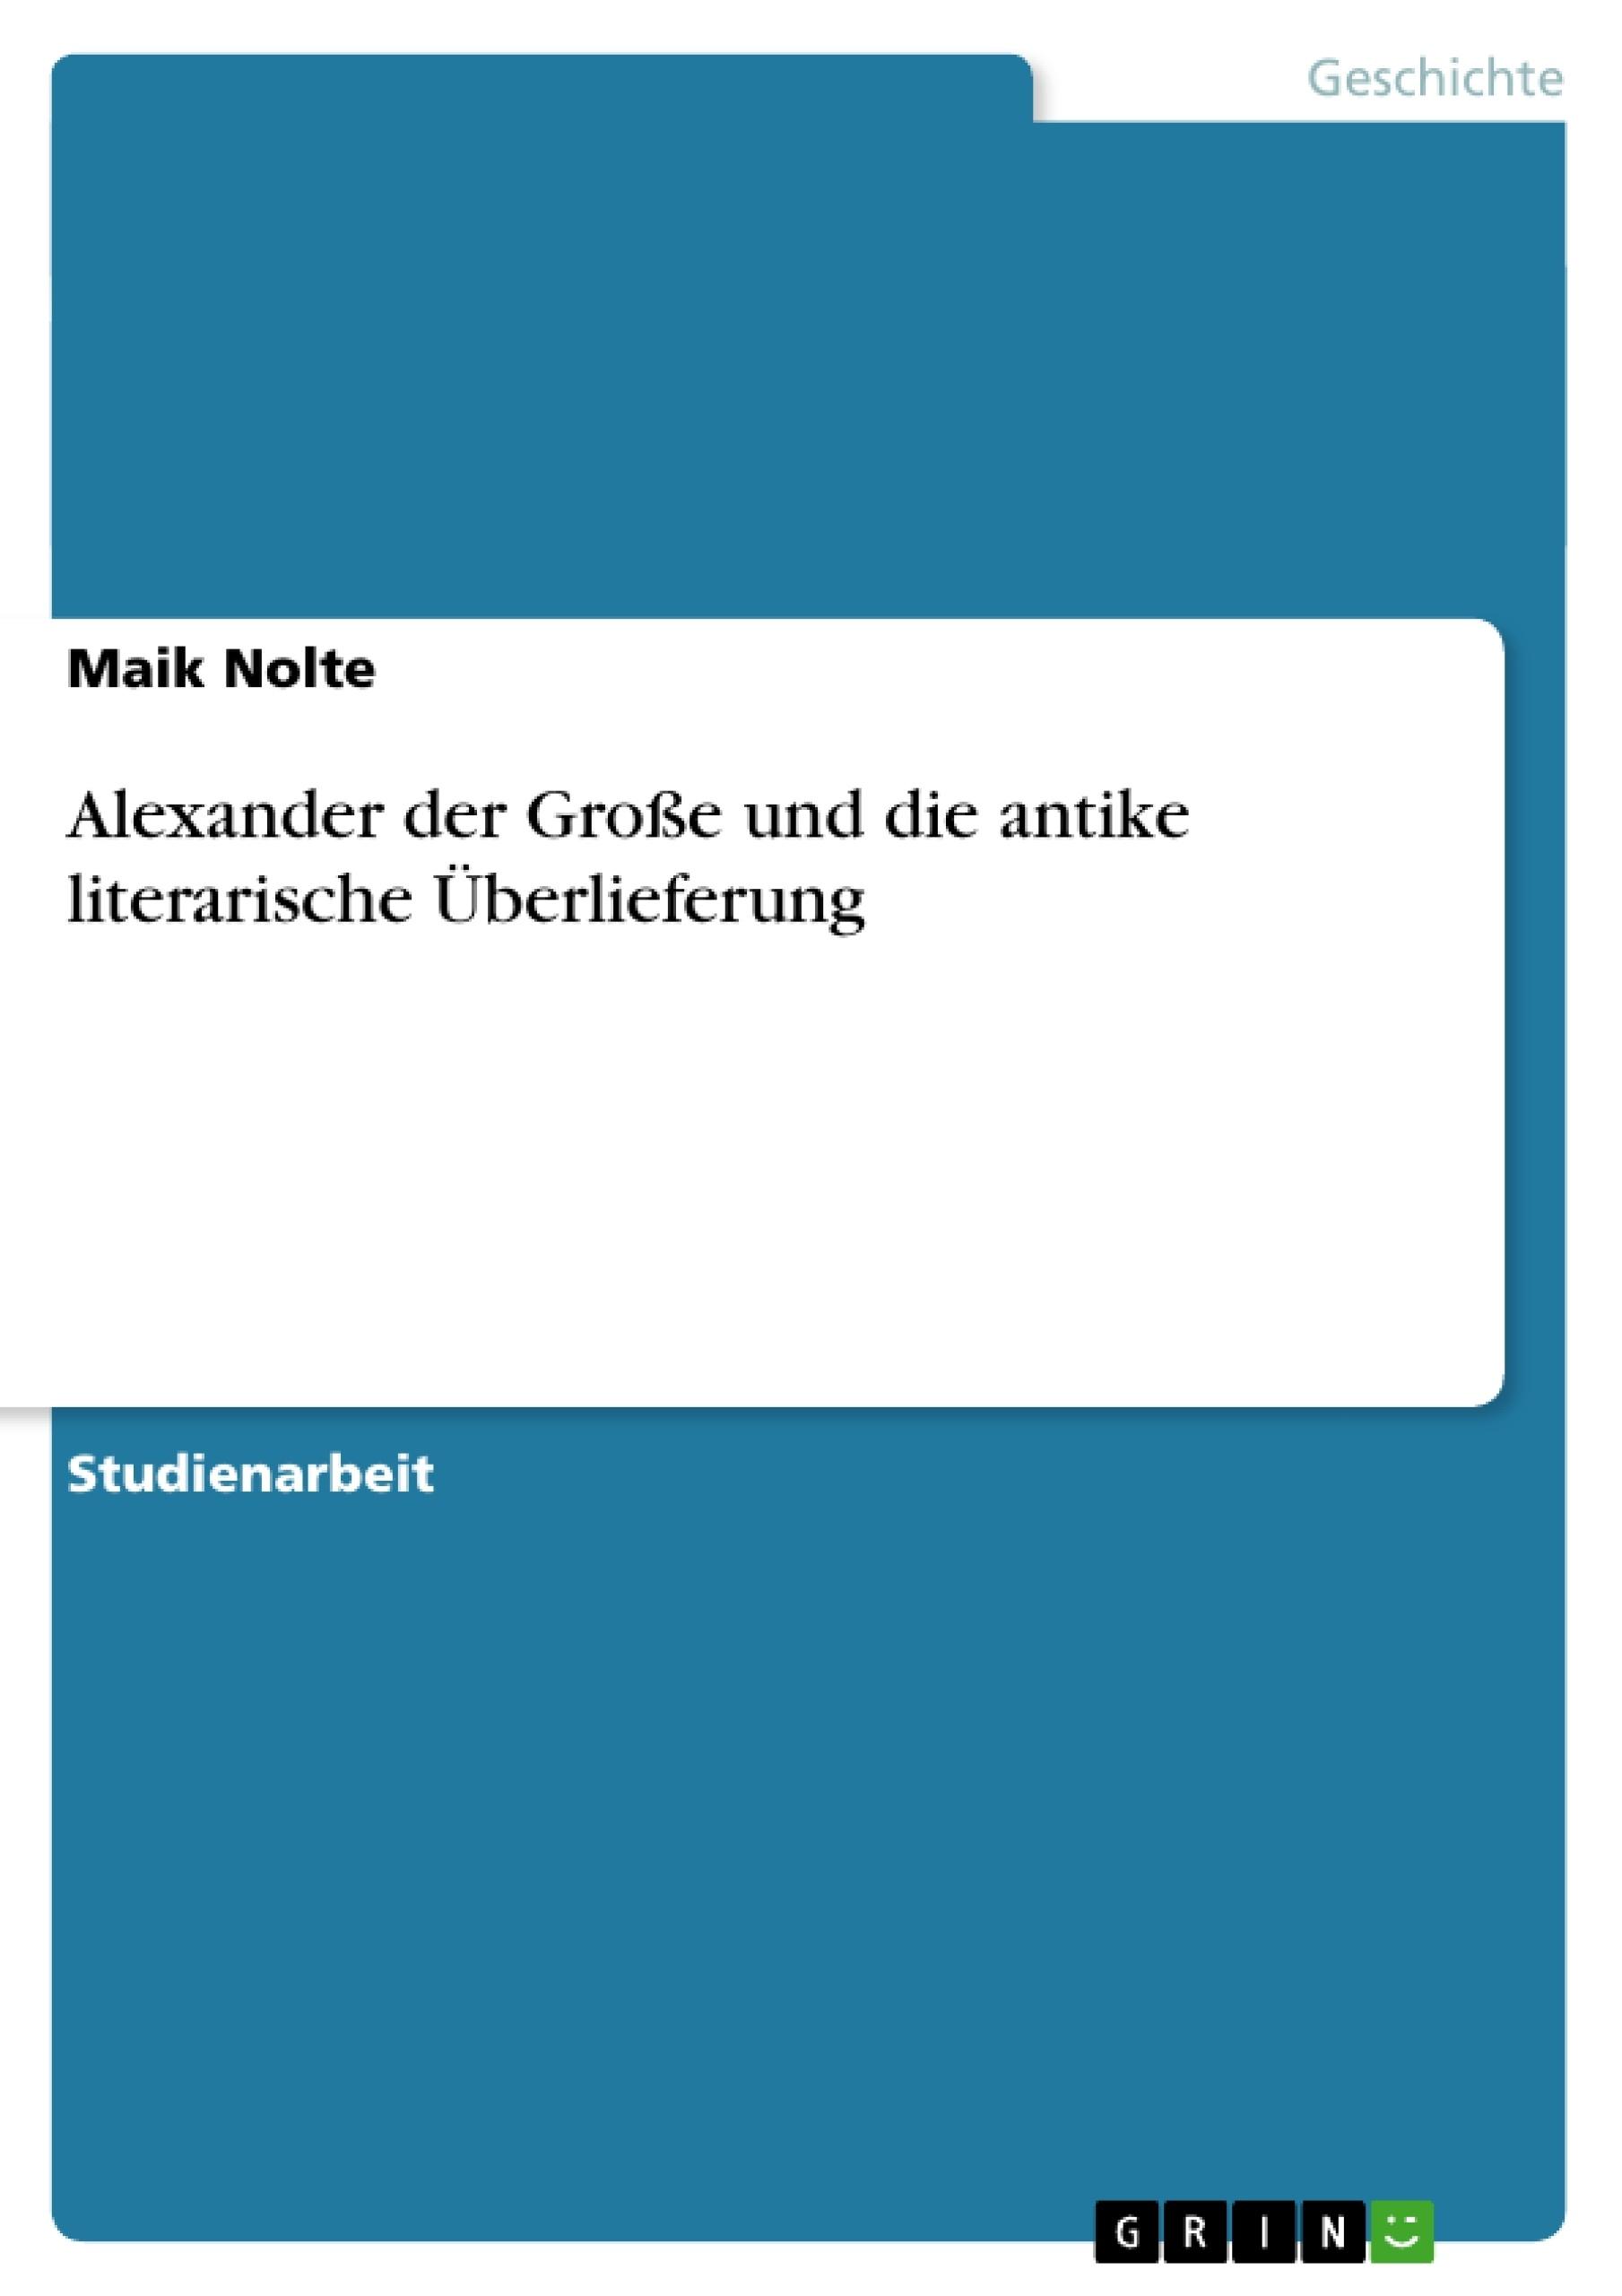 Titel: Alexander der Große und die antike literarische Überlieferung